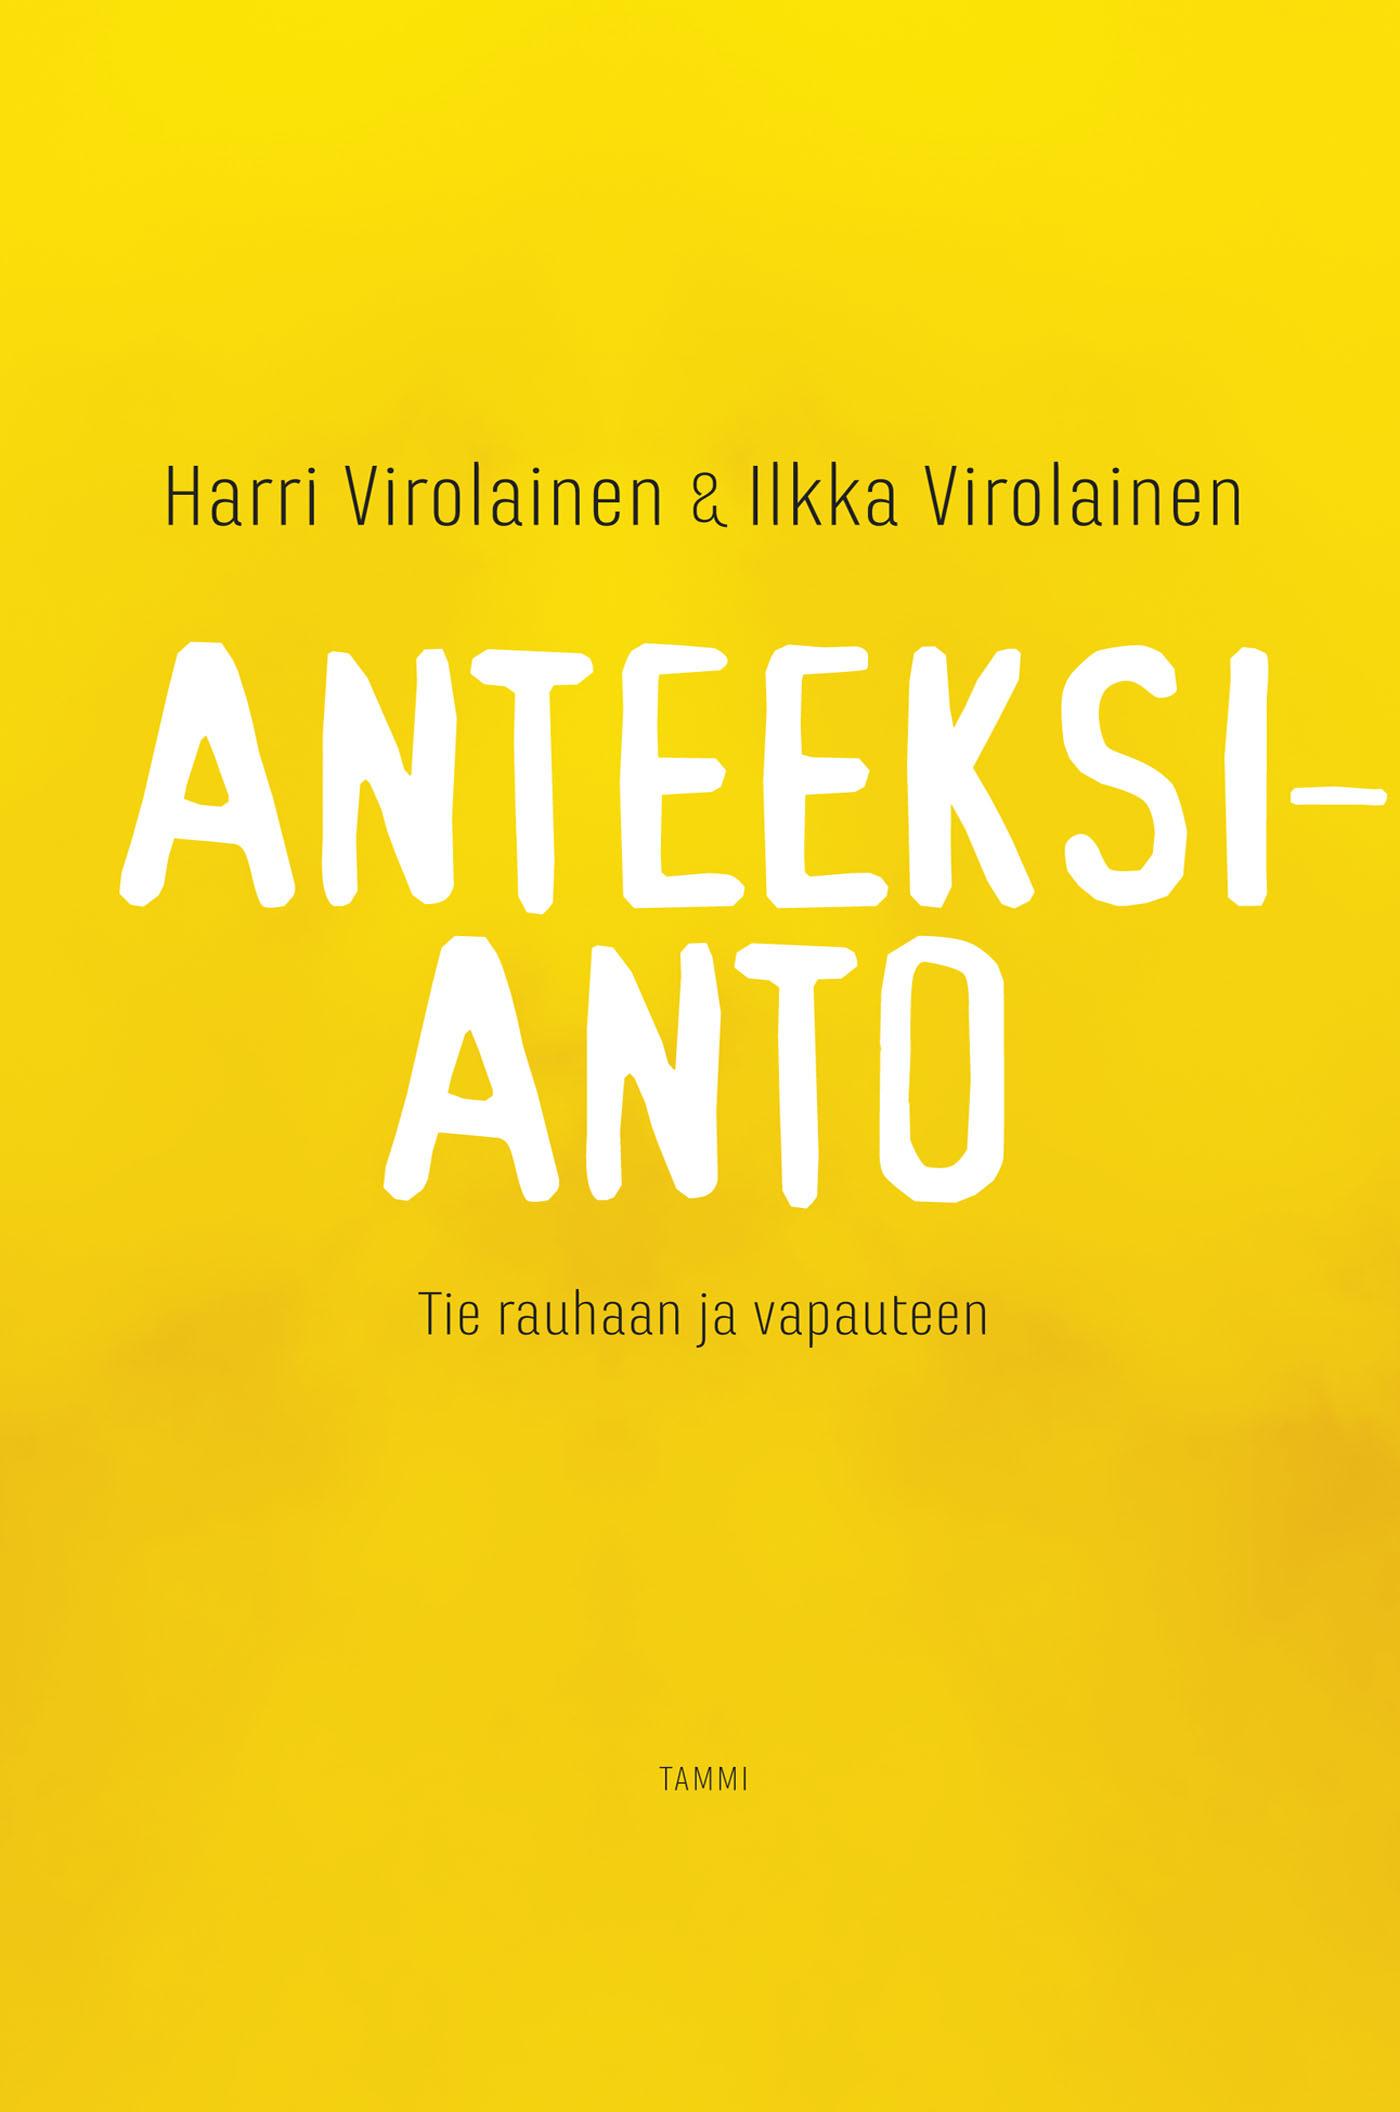 Virolainen, Harri - Anteeksianto: Tie vapauteen ja rauhaan, e-kirja